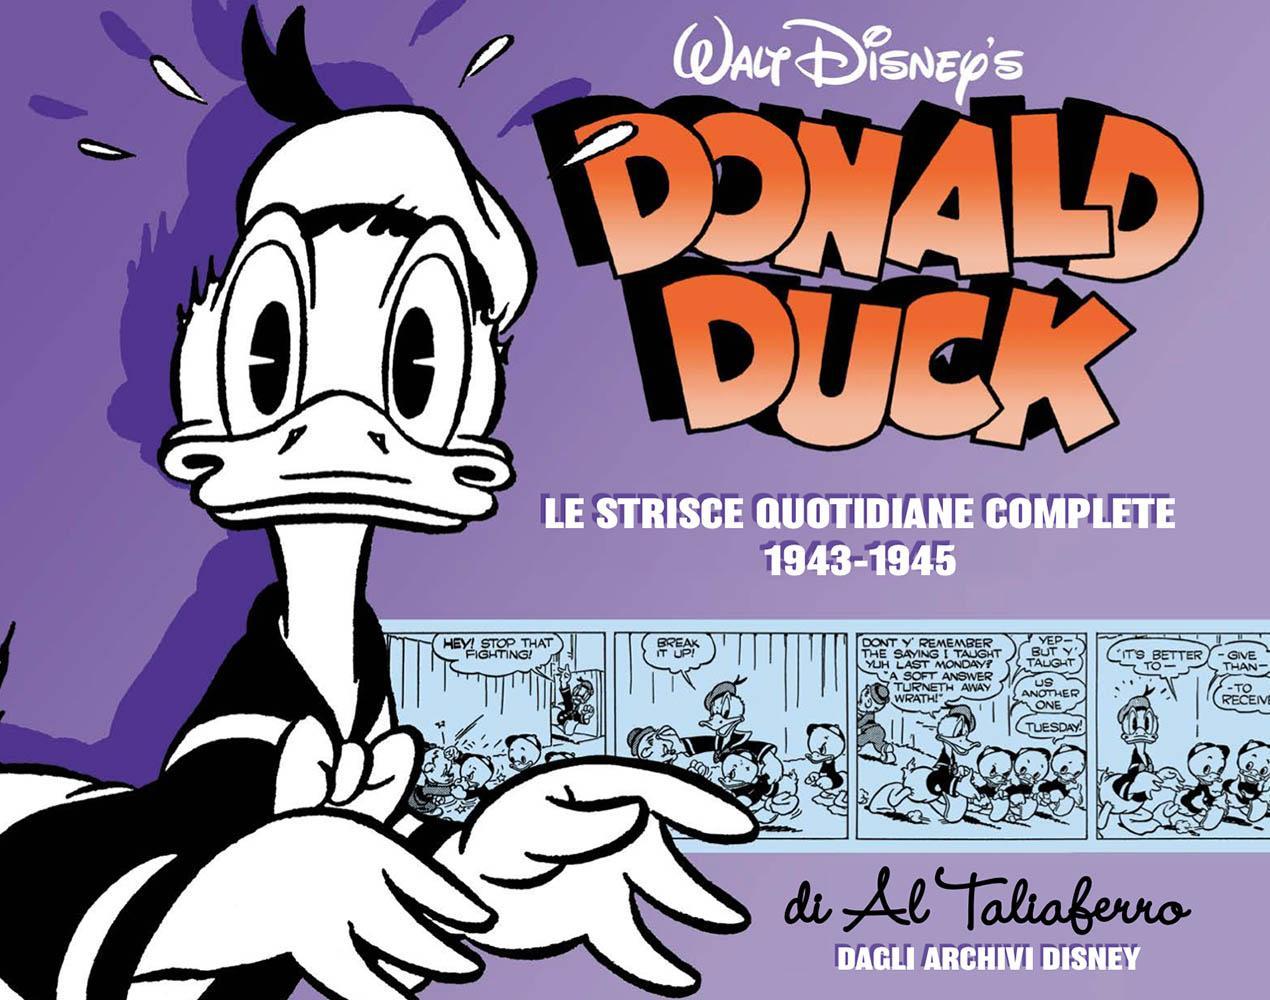 Le strisce quotidiane complete di Al Taliaferro 1943-1945 Paperino Lucca Changes 2020 novità Disney Panini Comics